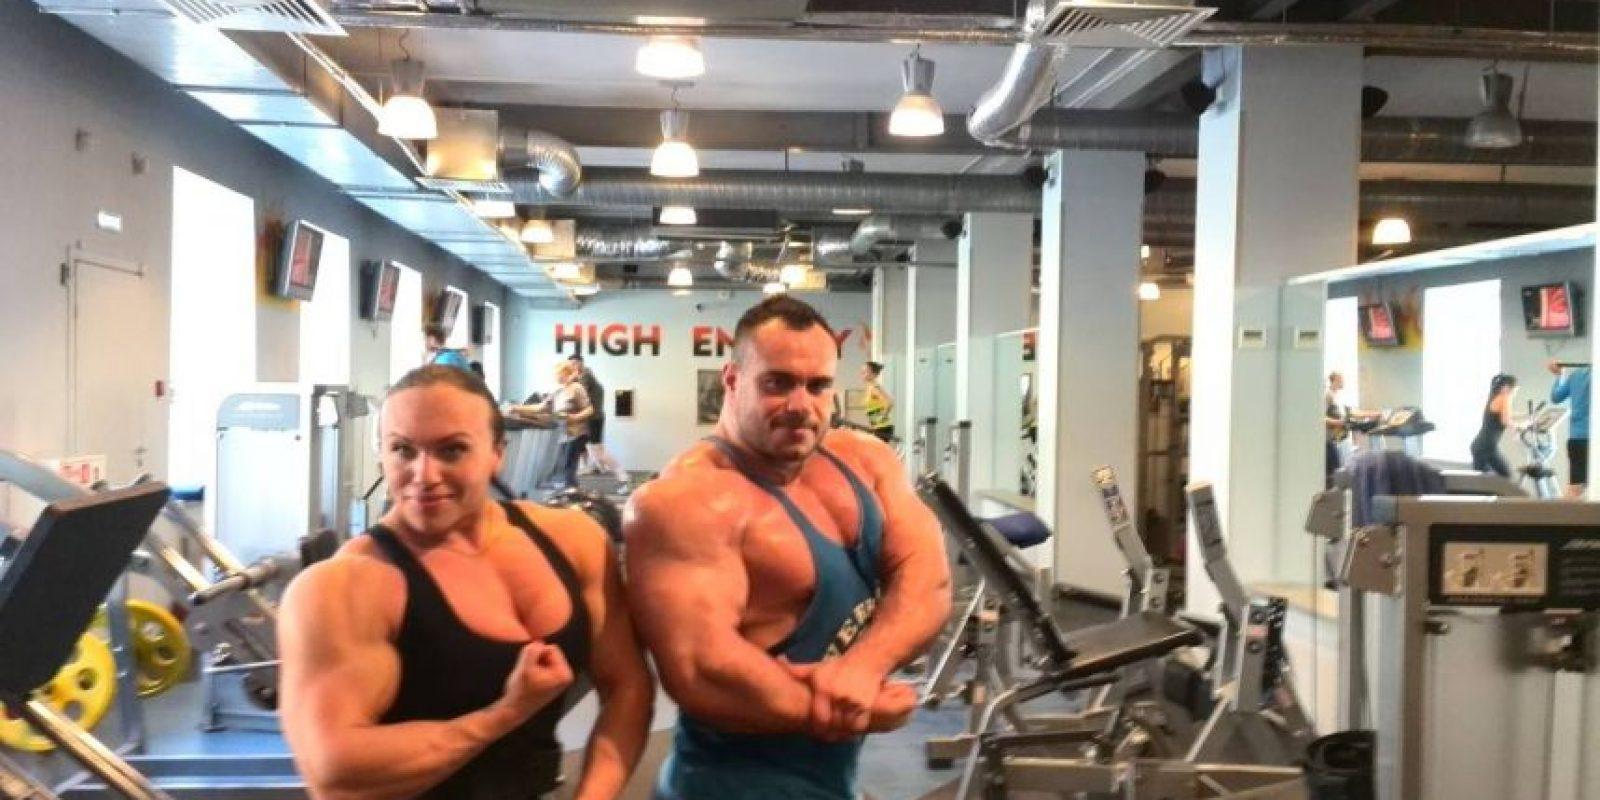 La deportista puede levantar pesas de ¡240 kilos! Foto:Vía facebook.com/robert.smyth.94